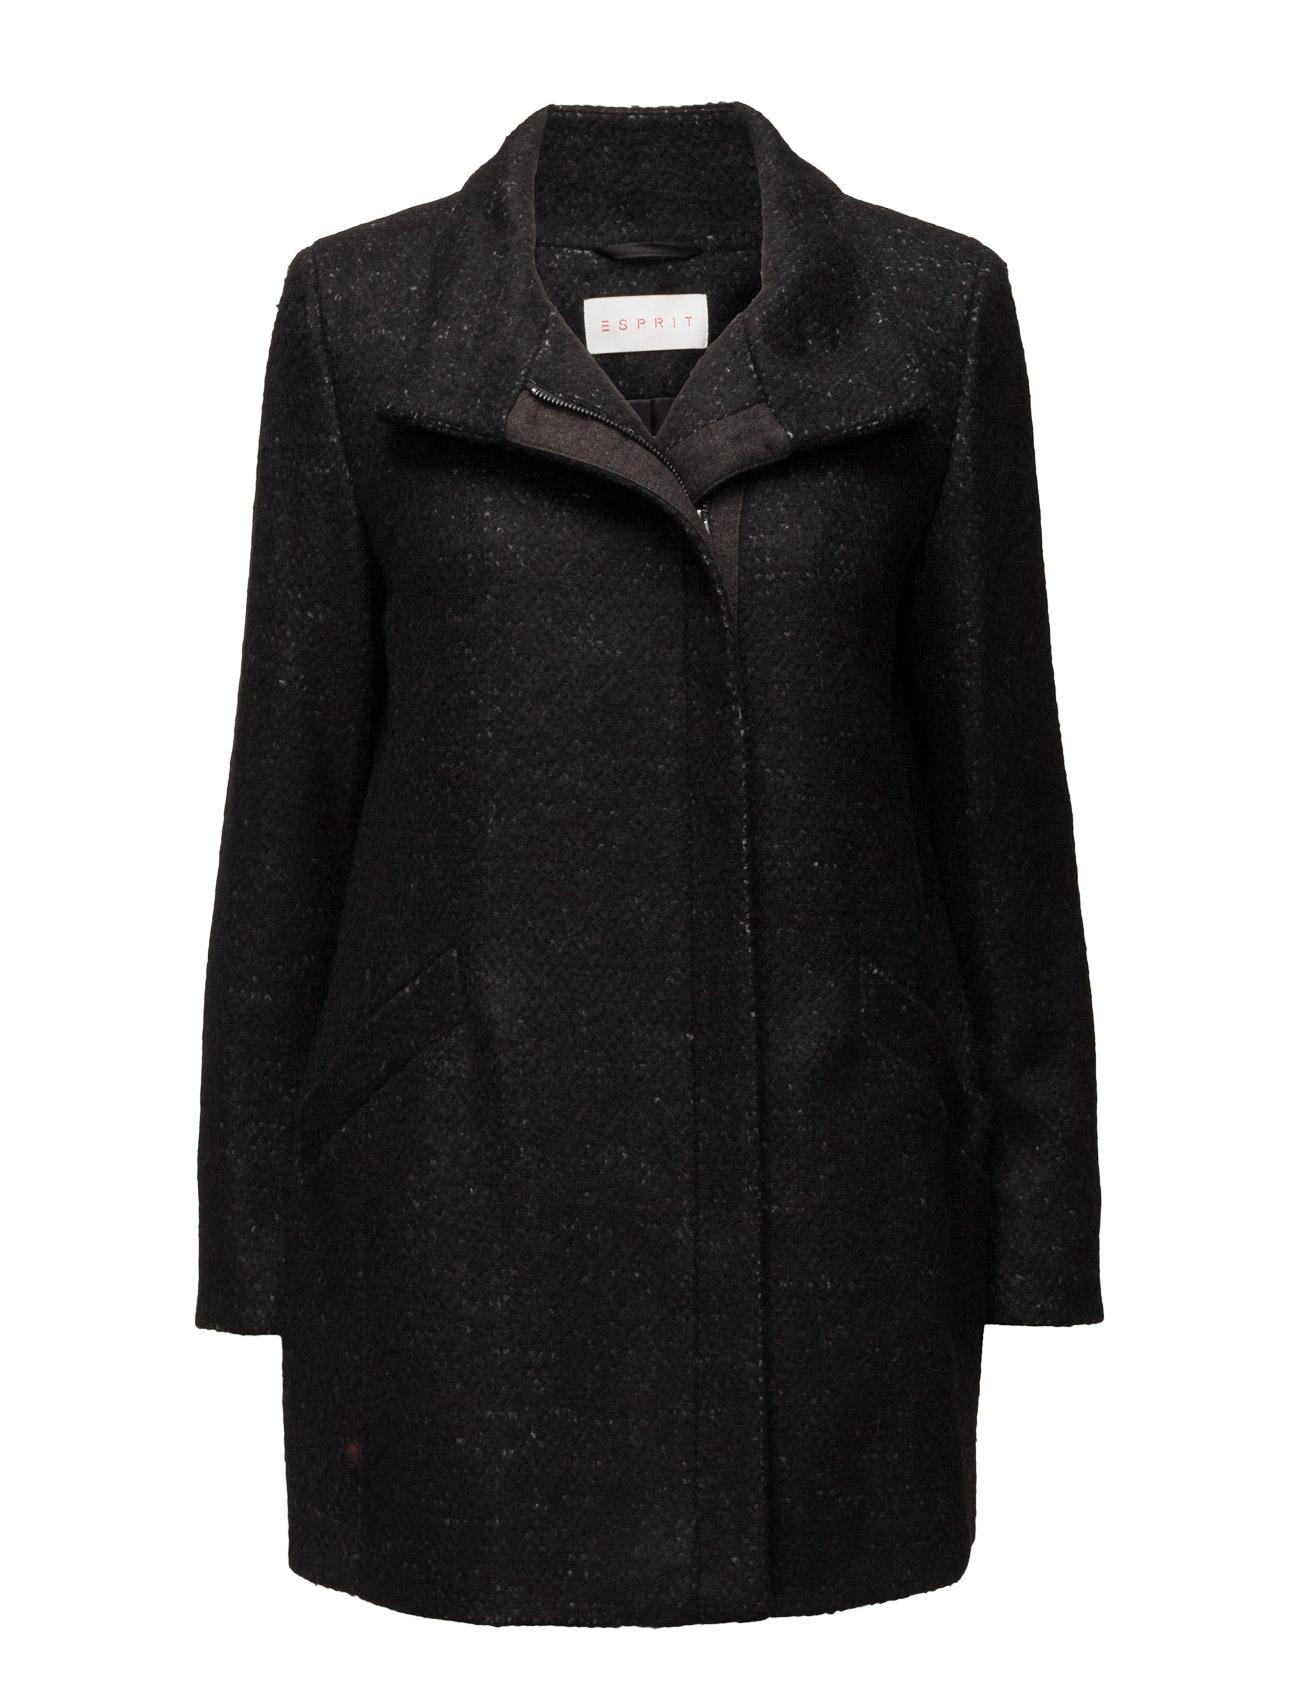 Coats Woven Esprit Casual Frakker til Kvinder i Sort